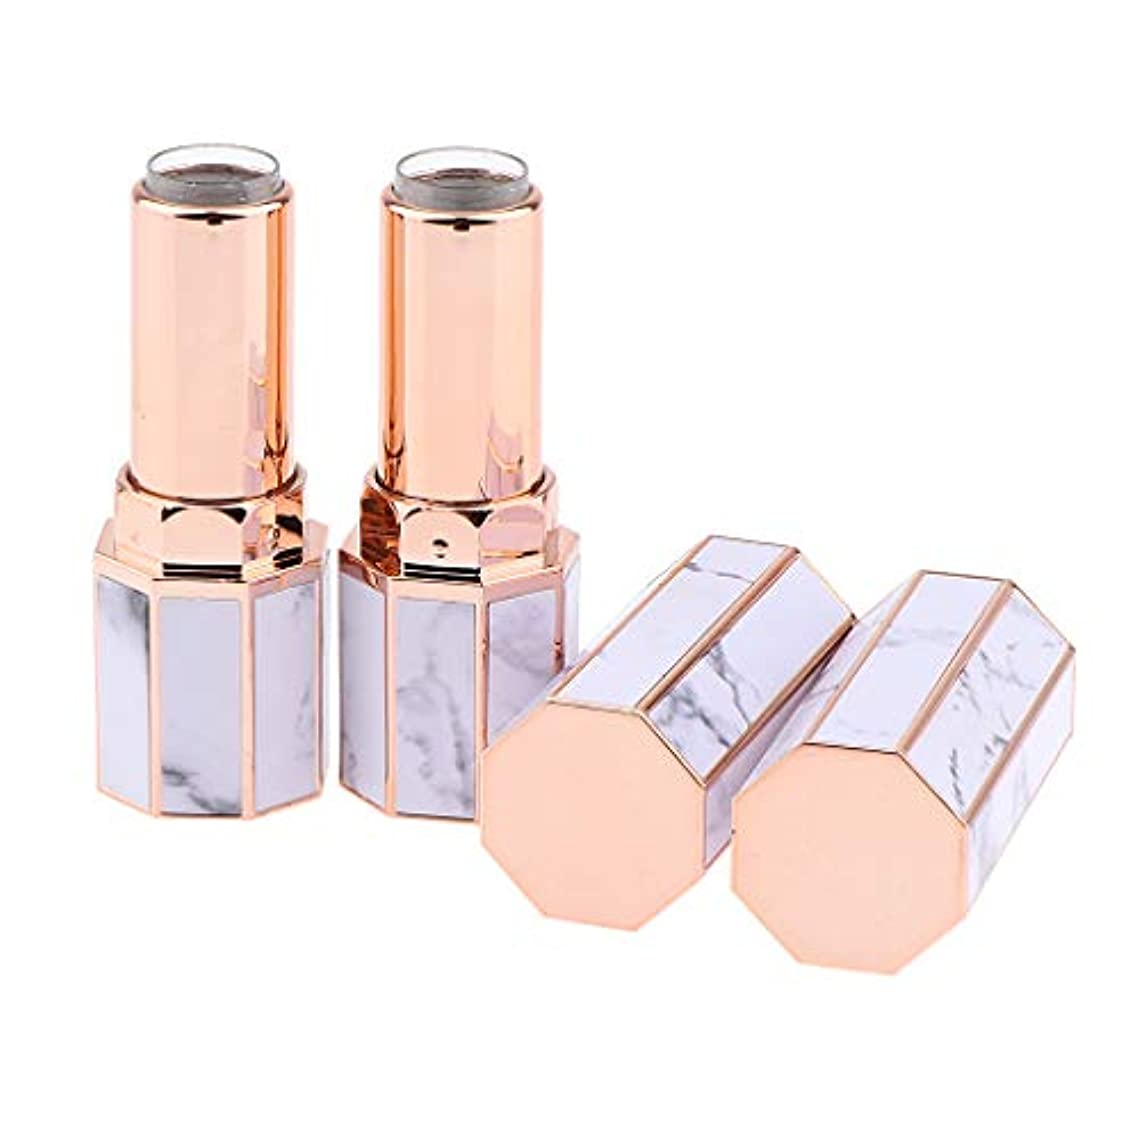 混合ドラマ識別する2個の空の口紅容器リップクリームチューブ高品位手作りDIY化粧ボトル - 大理石